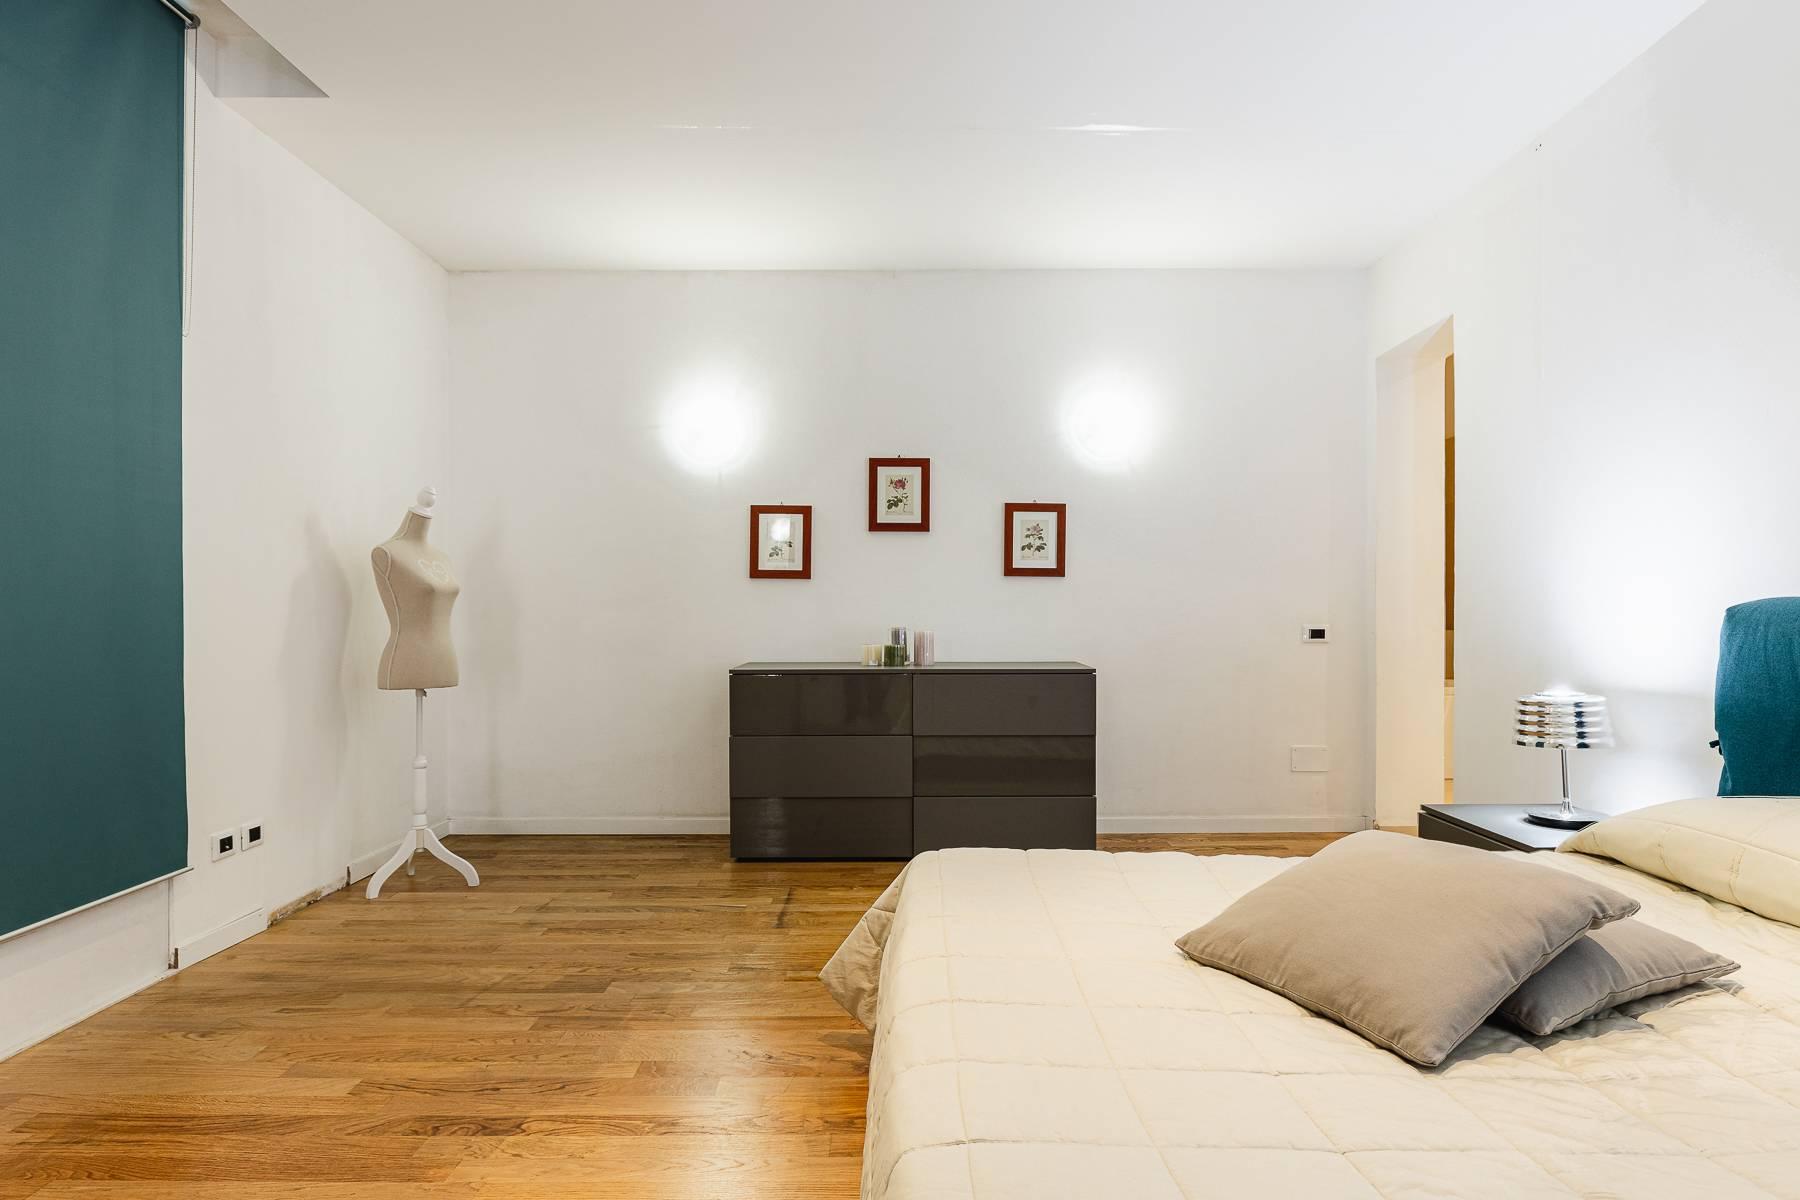 Appartamento in Vendita a Palermo: 4 locali, 154 mq - Foto 14